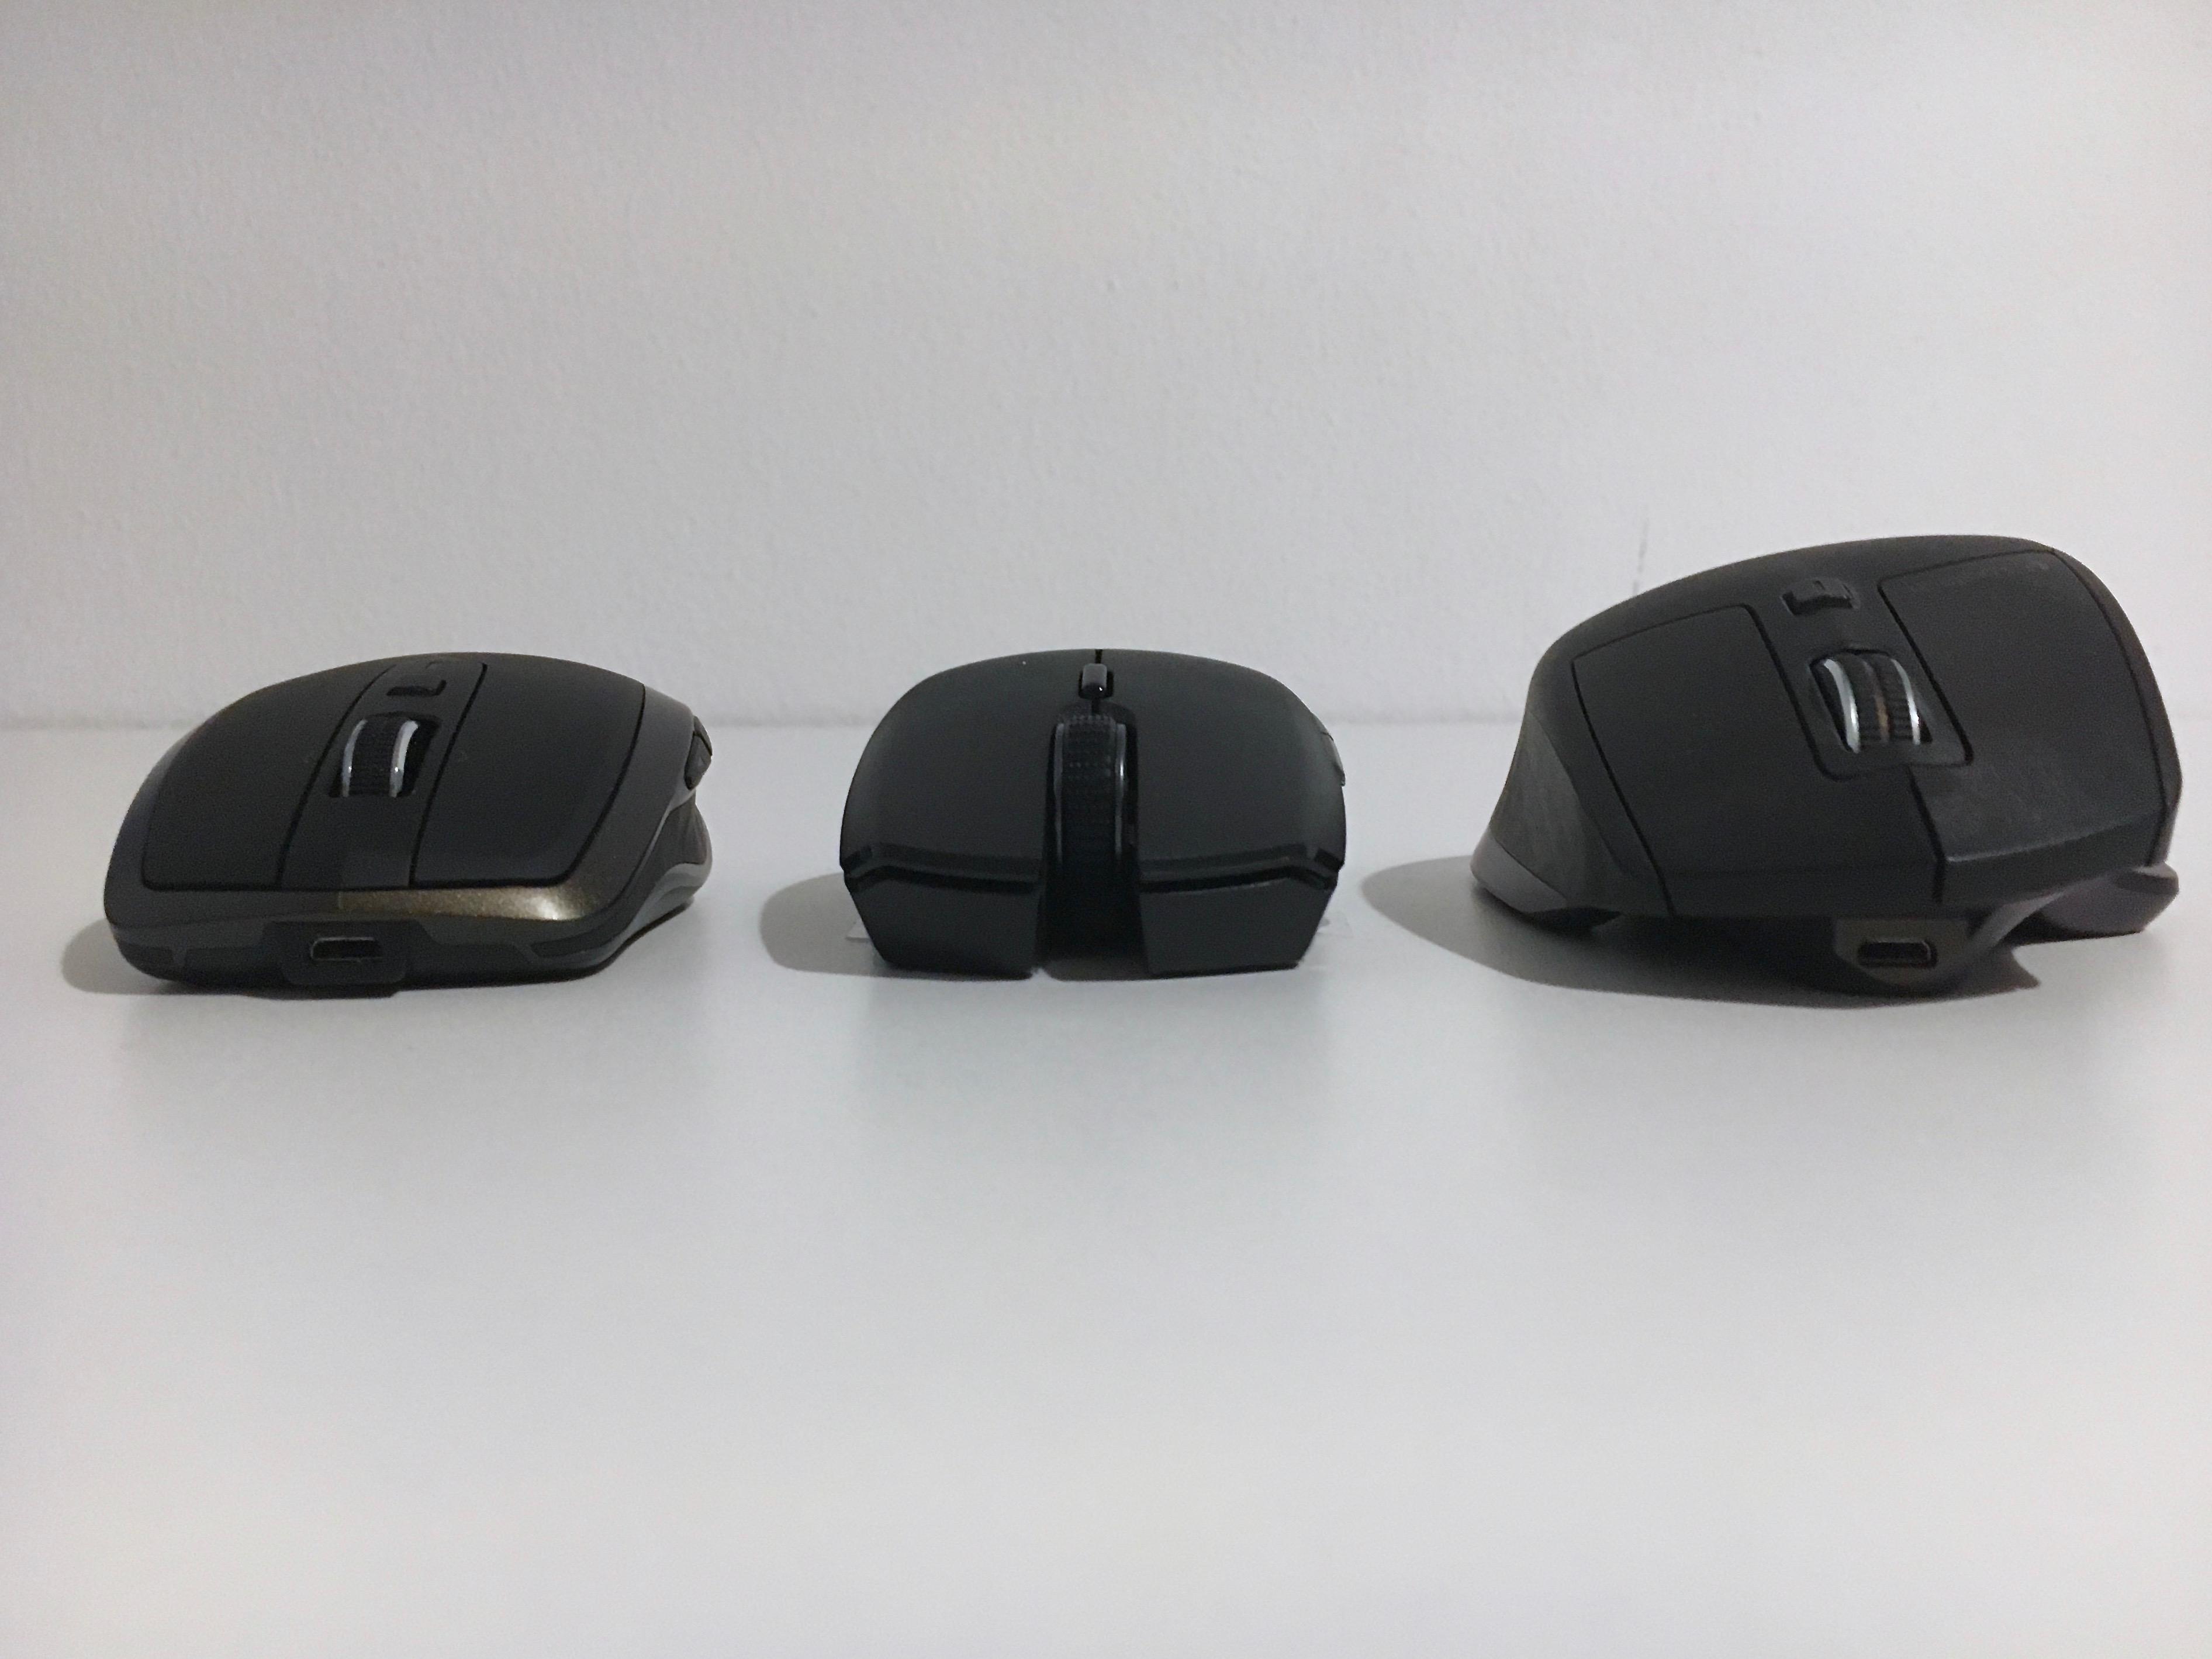 """Гарантийный случай"""" – Нагрузочный тест техподдержки Razer – Things-4"""